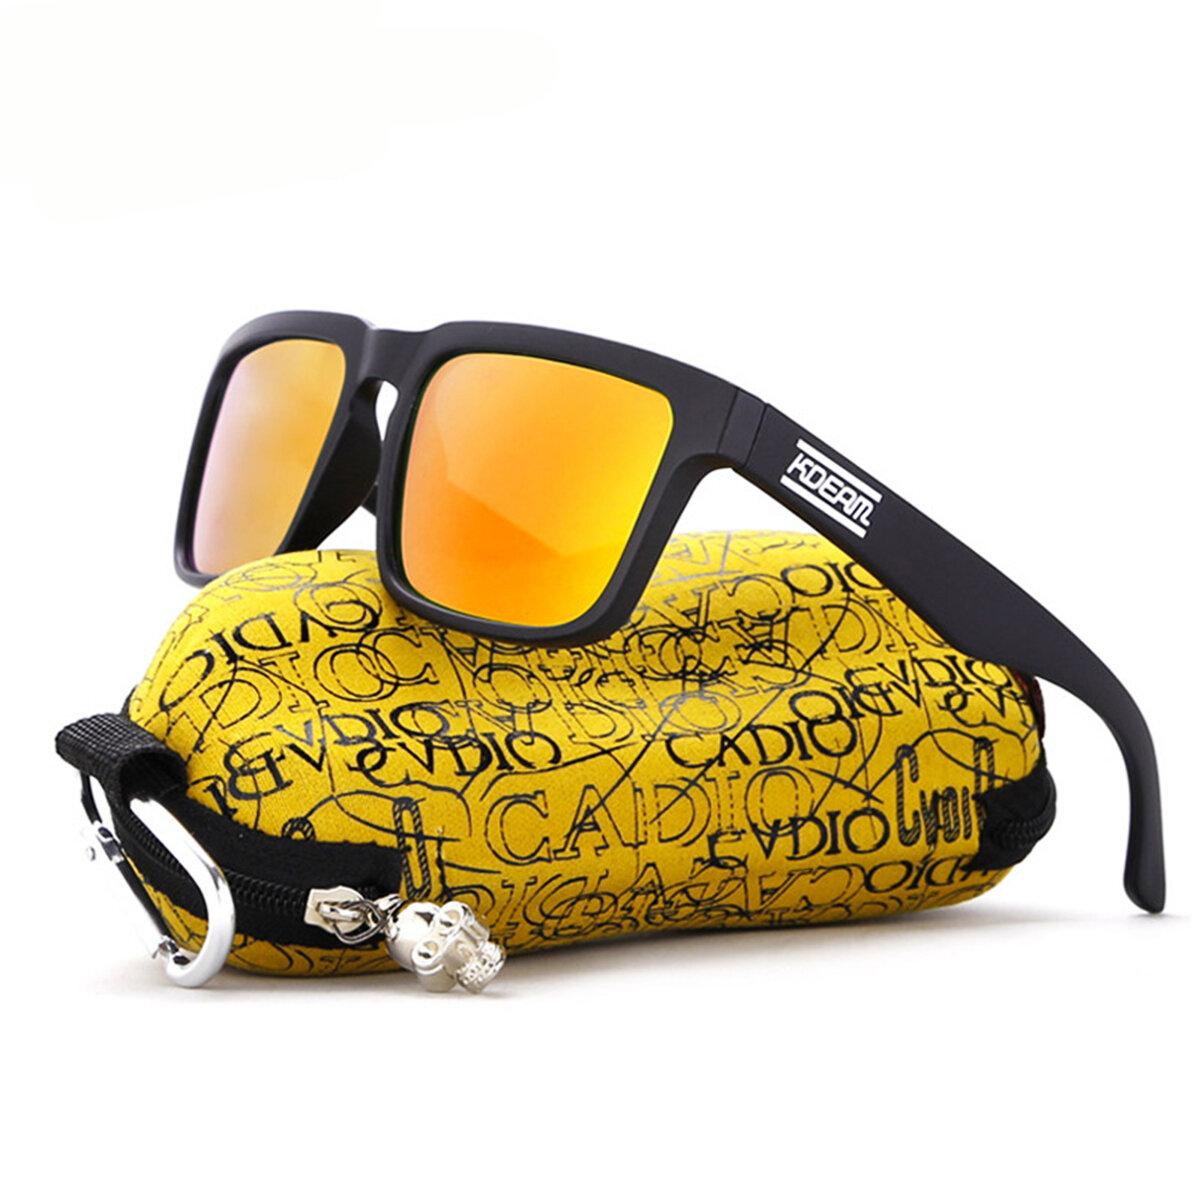 Gafas de Sol Polarizadas KDEAM KD901P-C10 para Hombres Gafas de Sol de Bicicleta Pesca Ciclismo Conducción Motocicleta al Aire Libre